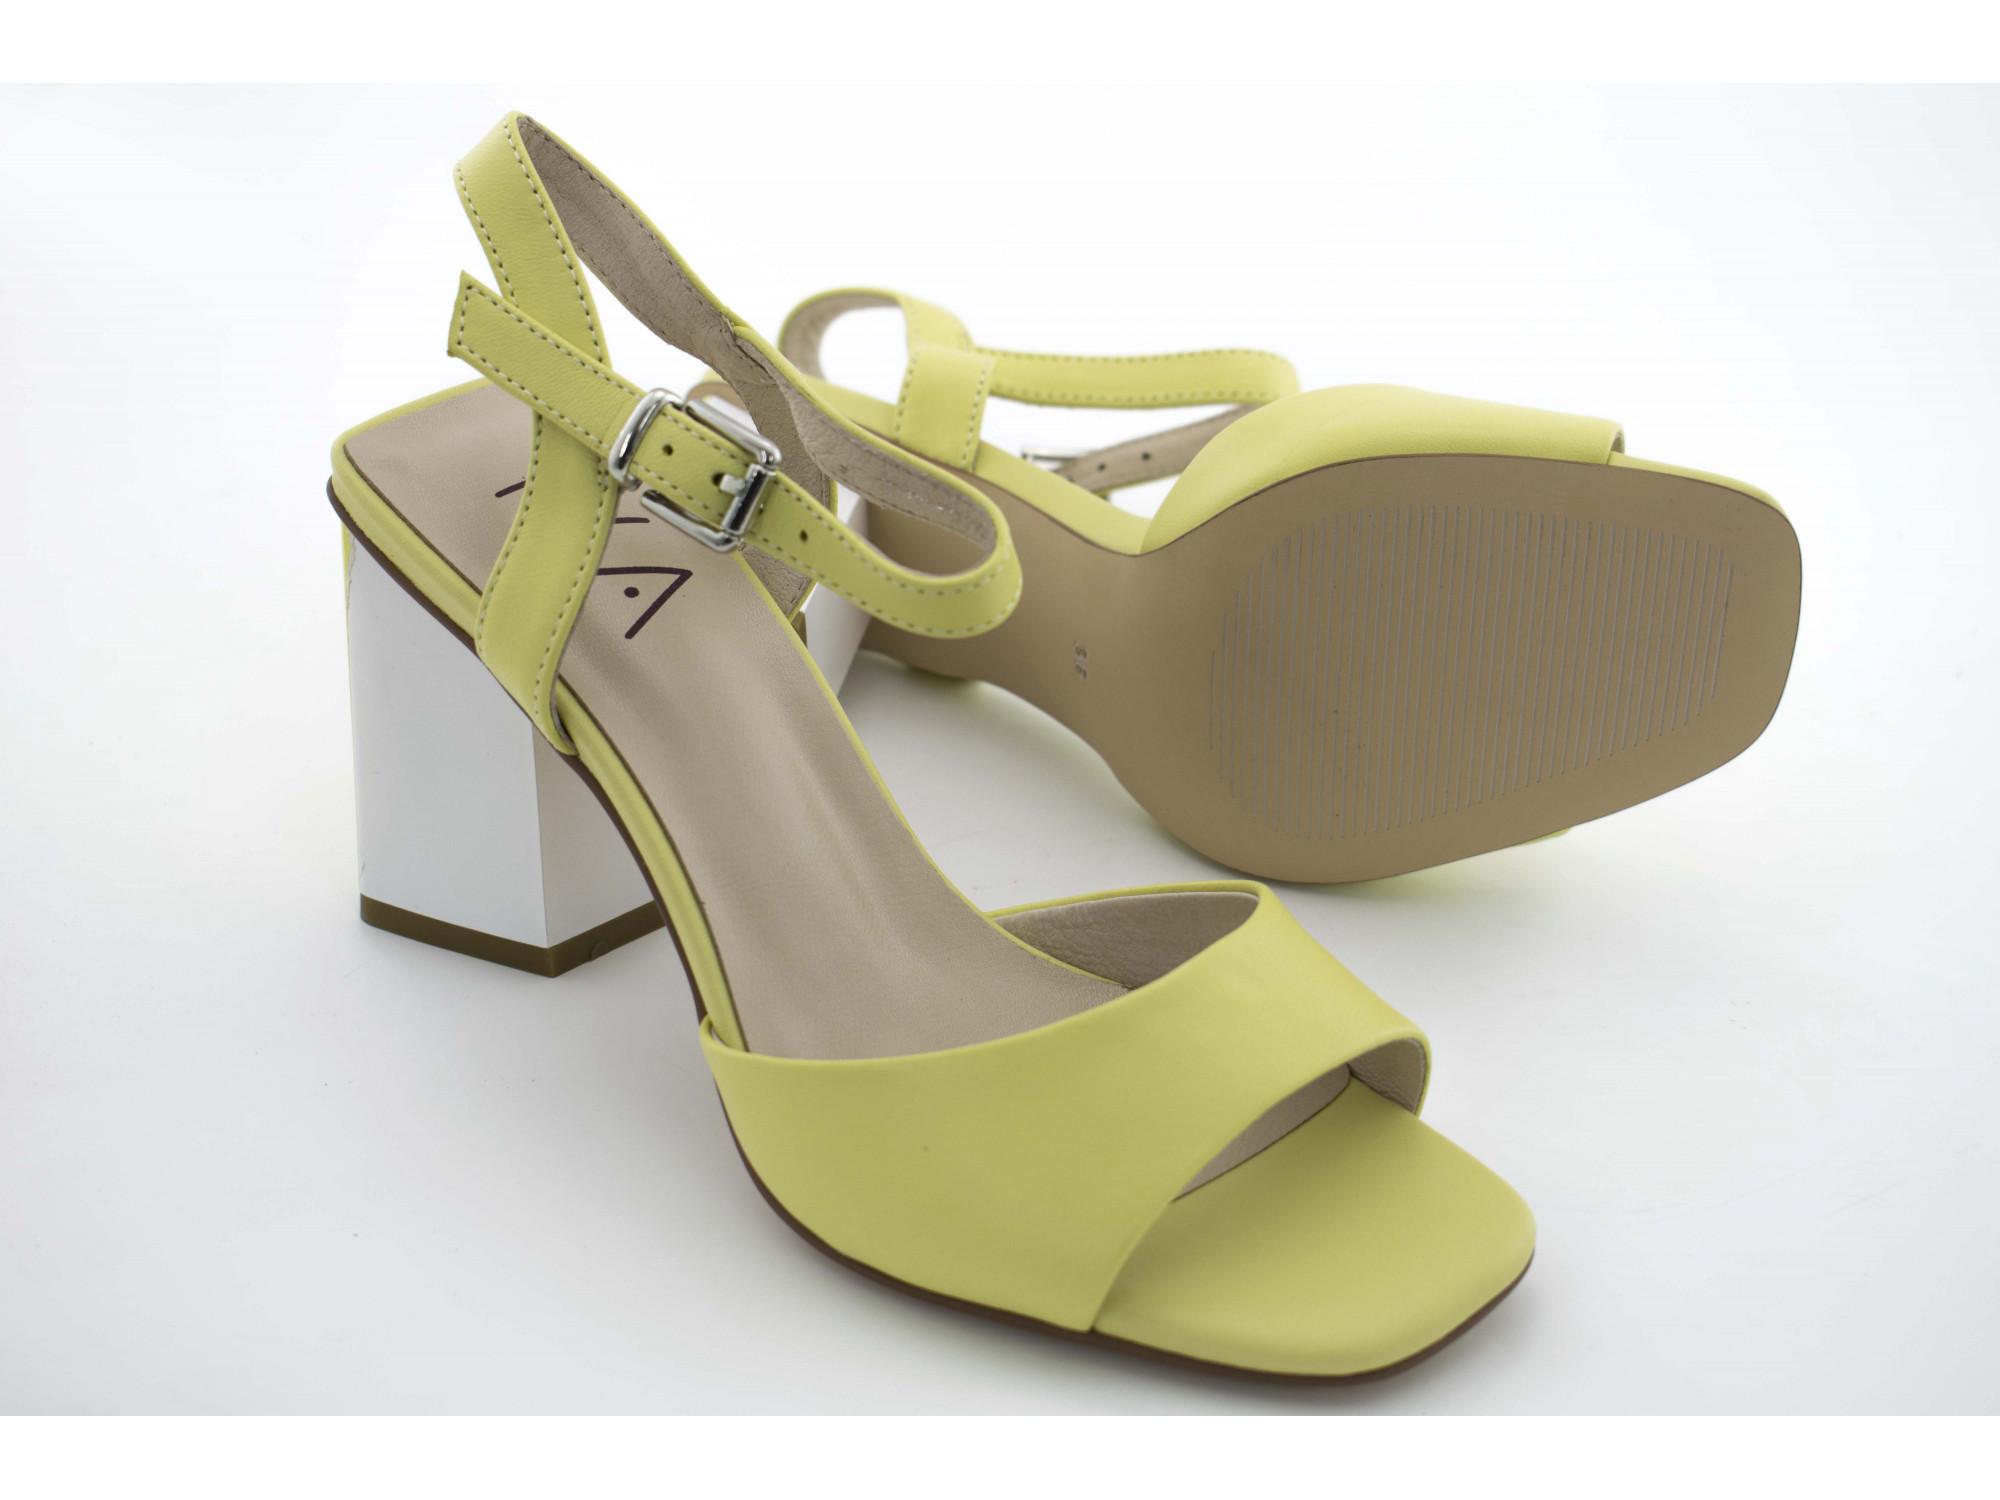 Летние туфли IVA H6755 Жолтые